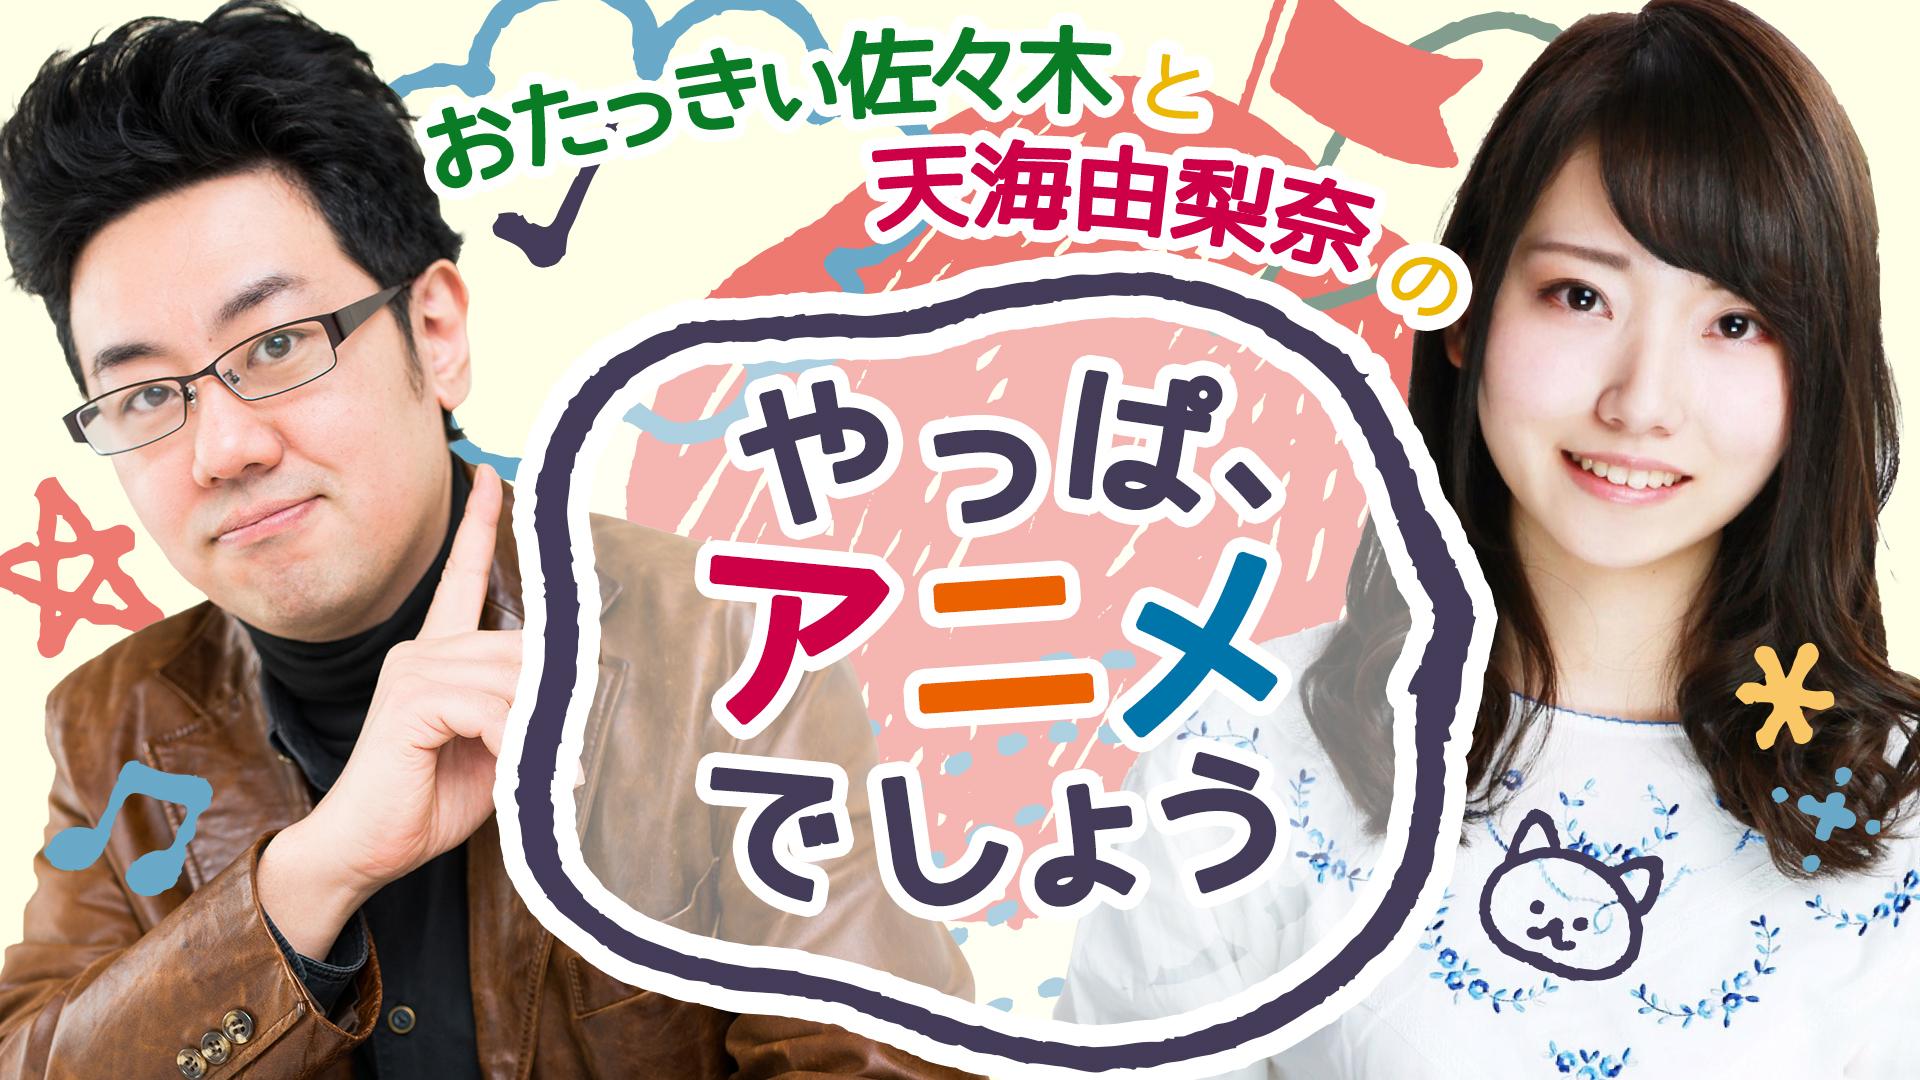 おたっきぃ佐々木と天海由梨奈の やっぱ、アニメでしょう#9 - 2018/07 ...